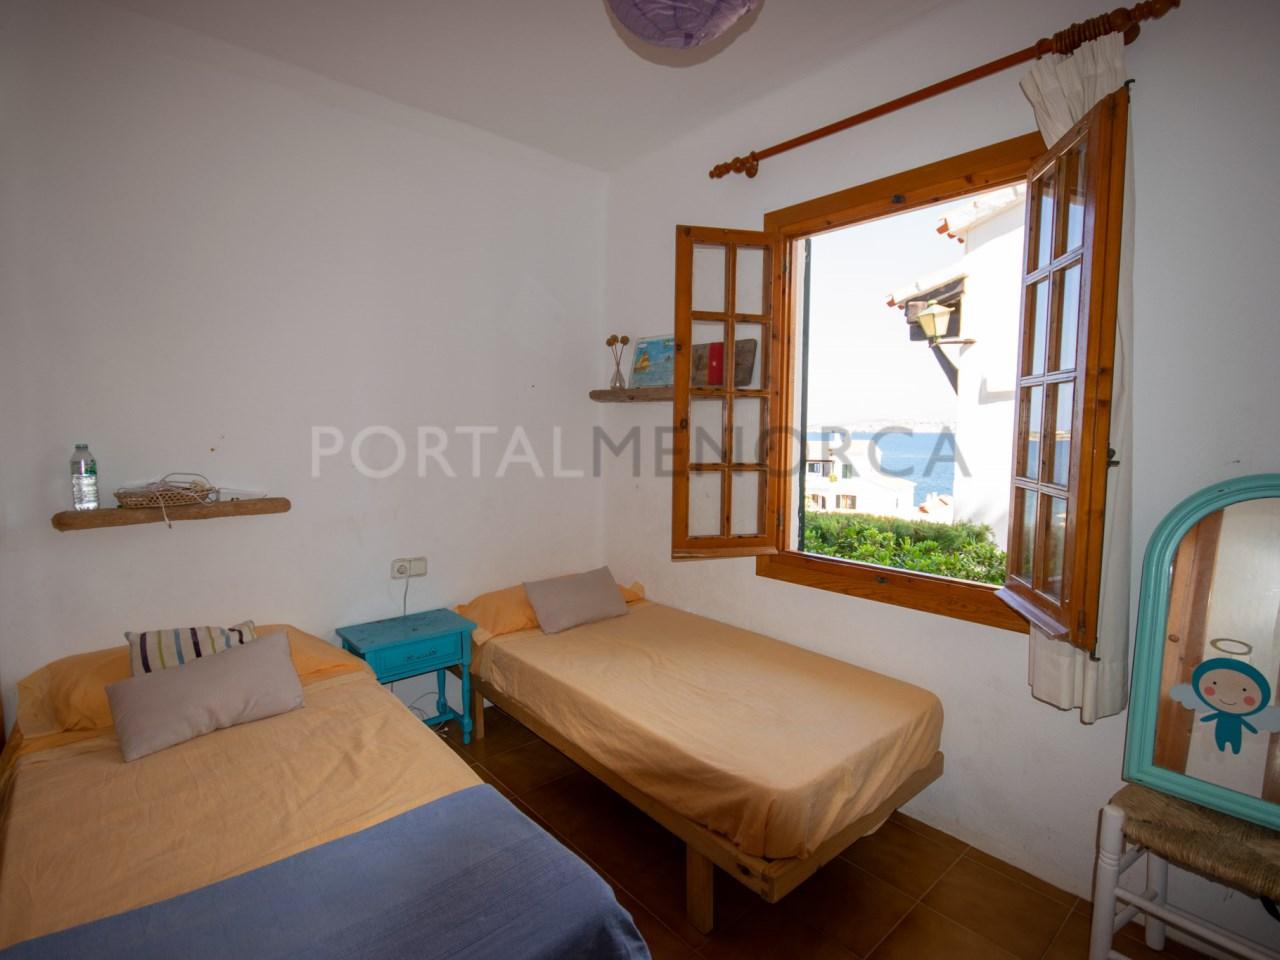 Dormitorio doble con armario (3)